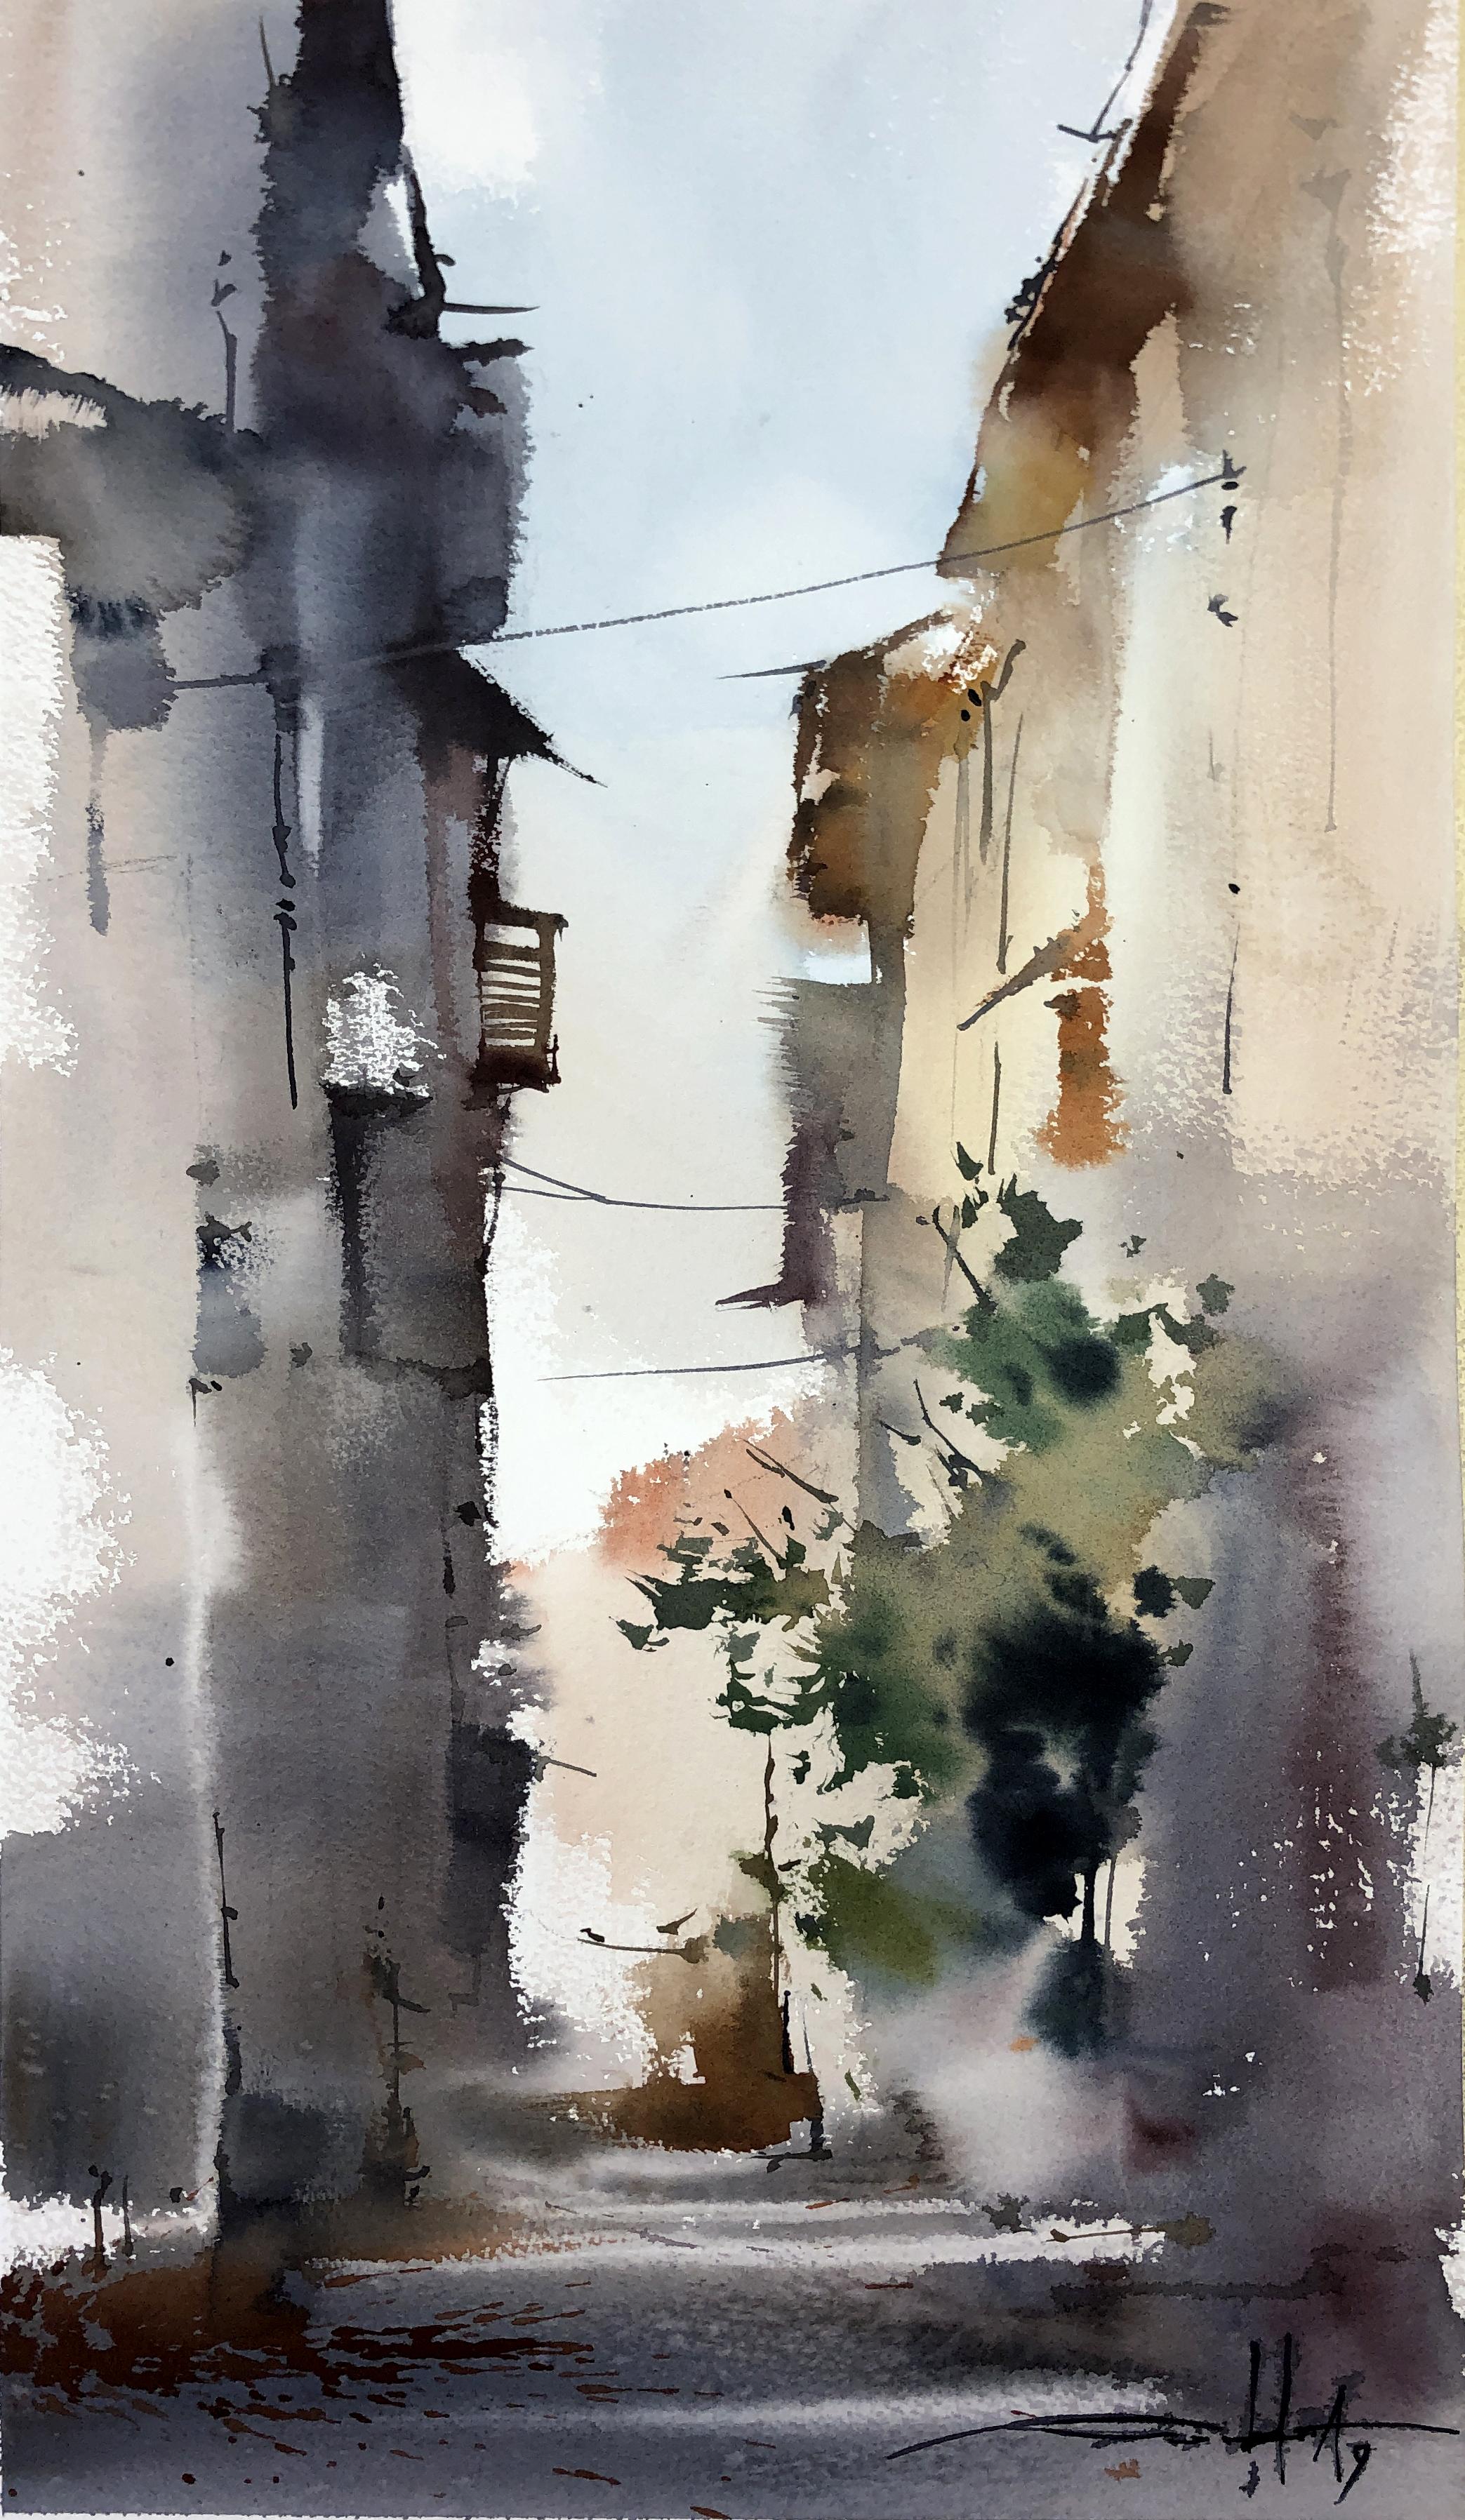 #50 Italy, Narrow Street